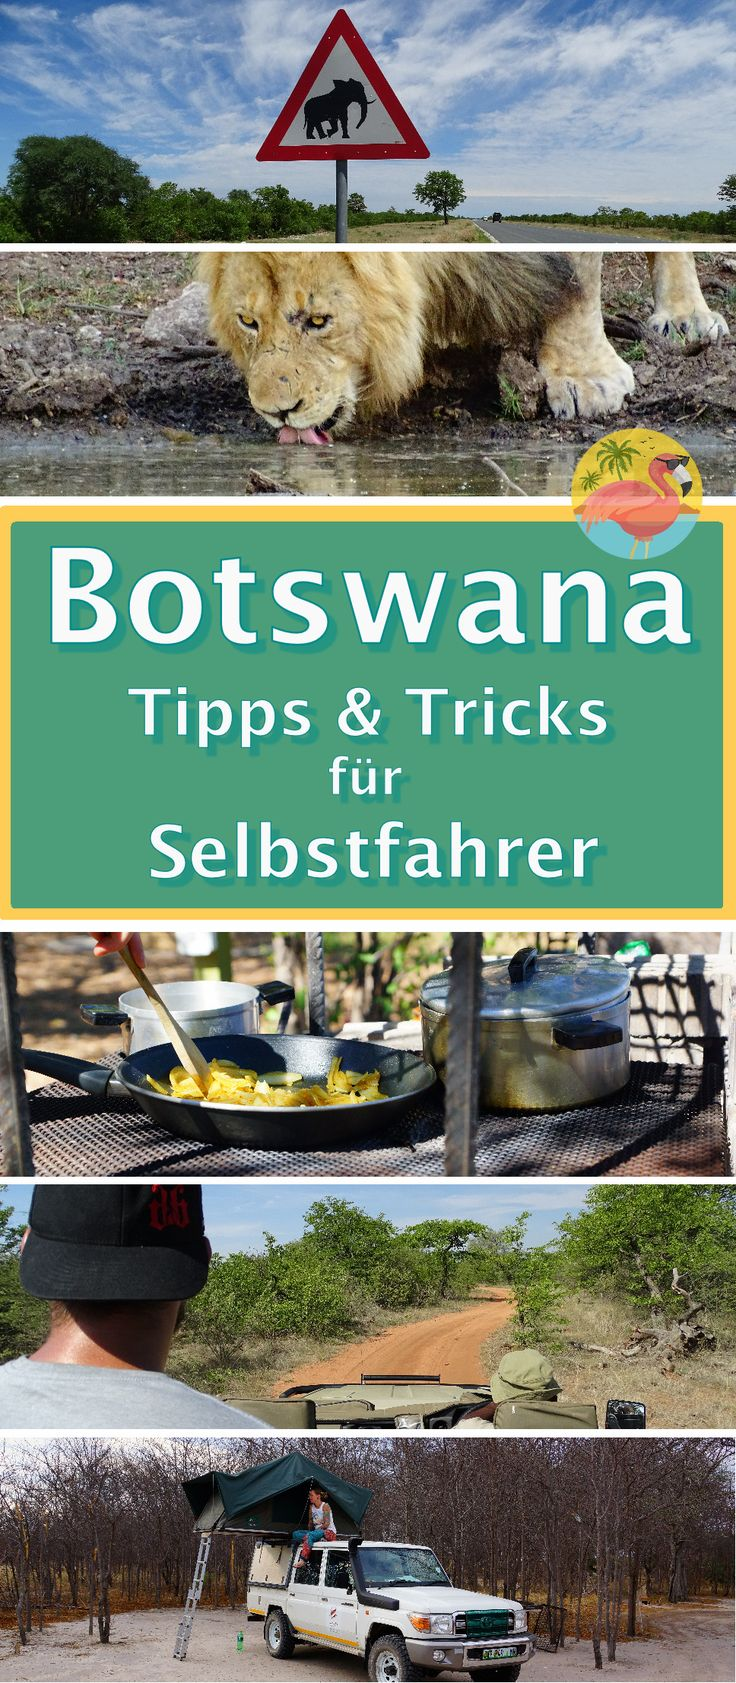 Botswana ist kein günstiges Reiseland. Trotzdem kann man mit ein paar Tipps hier und da etwas sparen. Wir verraten dir, wie.  Wir waren insgesamt 22 Tage in Botswana unterwegs (mit kurzem Abstecher nach Simbabwe). Welche Erfahrungen wir gemacht haben, auf was man achten sollte, wie die Straßenverhältnisse sind, ob man Malariaprophylaxe braucht, was die beste Reisezeit ist und vieles mehr kannst du hier nachlesen.